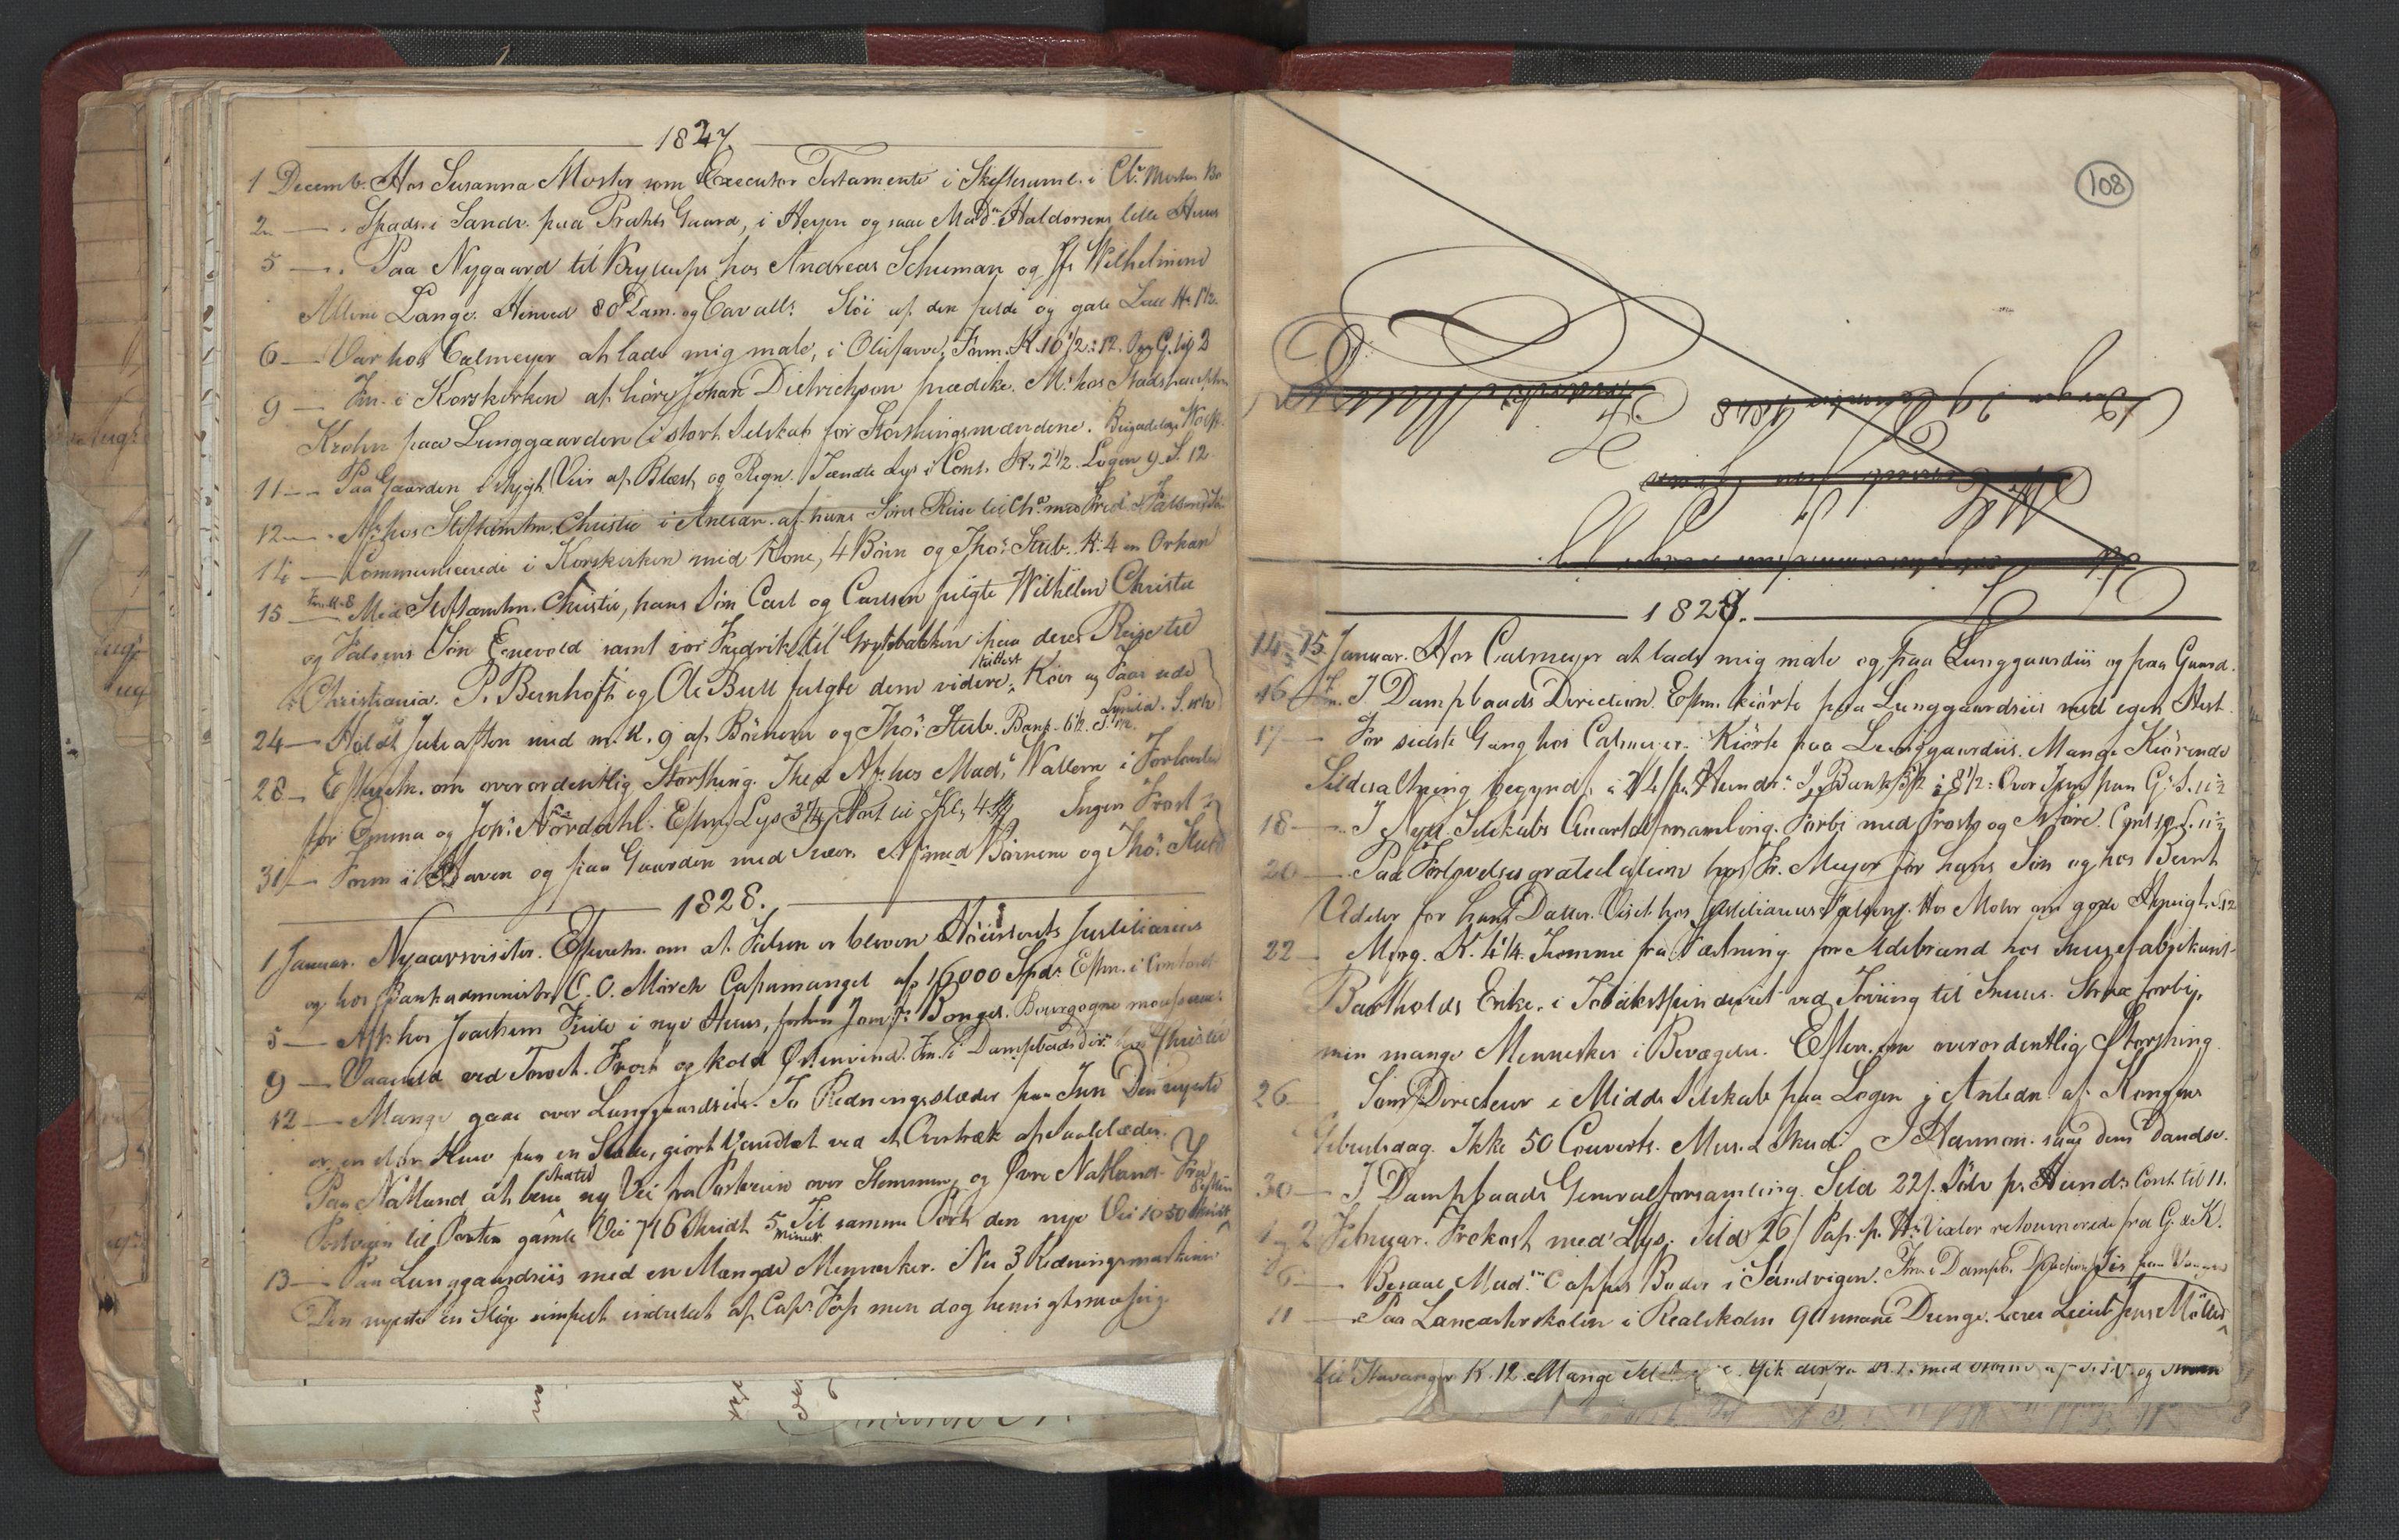 RA, Meltzer, Fredrik, F/L0004: Dagbok, 1822-1830, s. 107b-108a